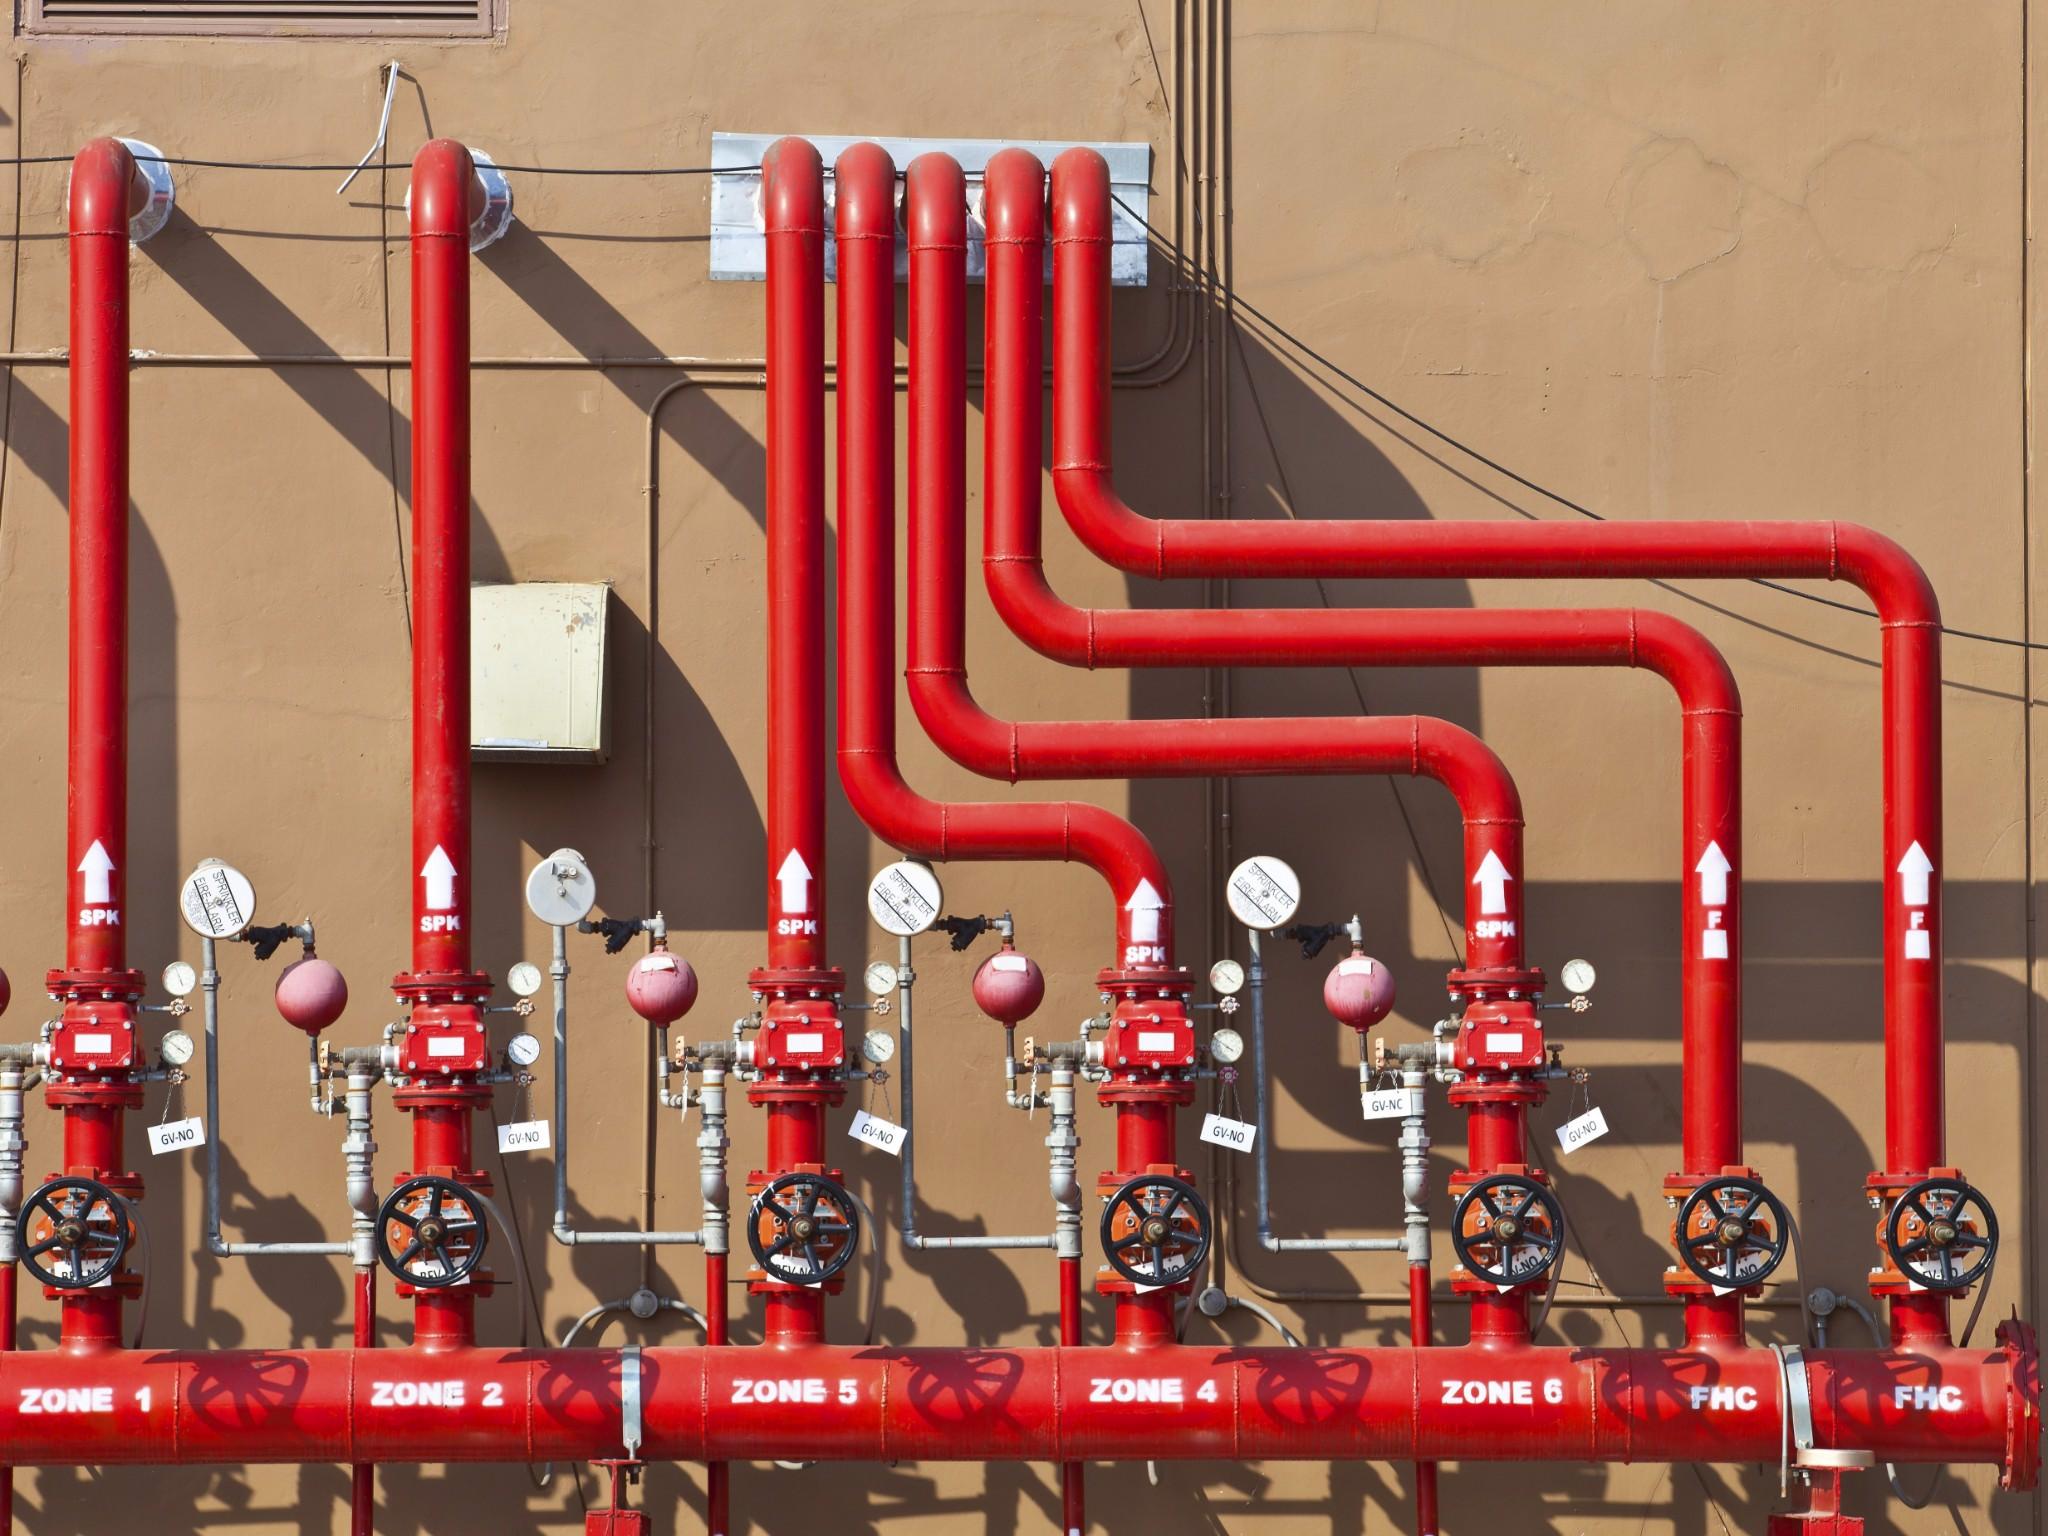 Bảo trì hệ thống phòng cháy chữa cháy nhà xưởng an toàn